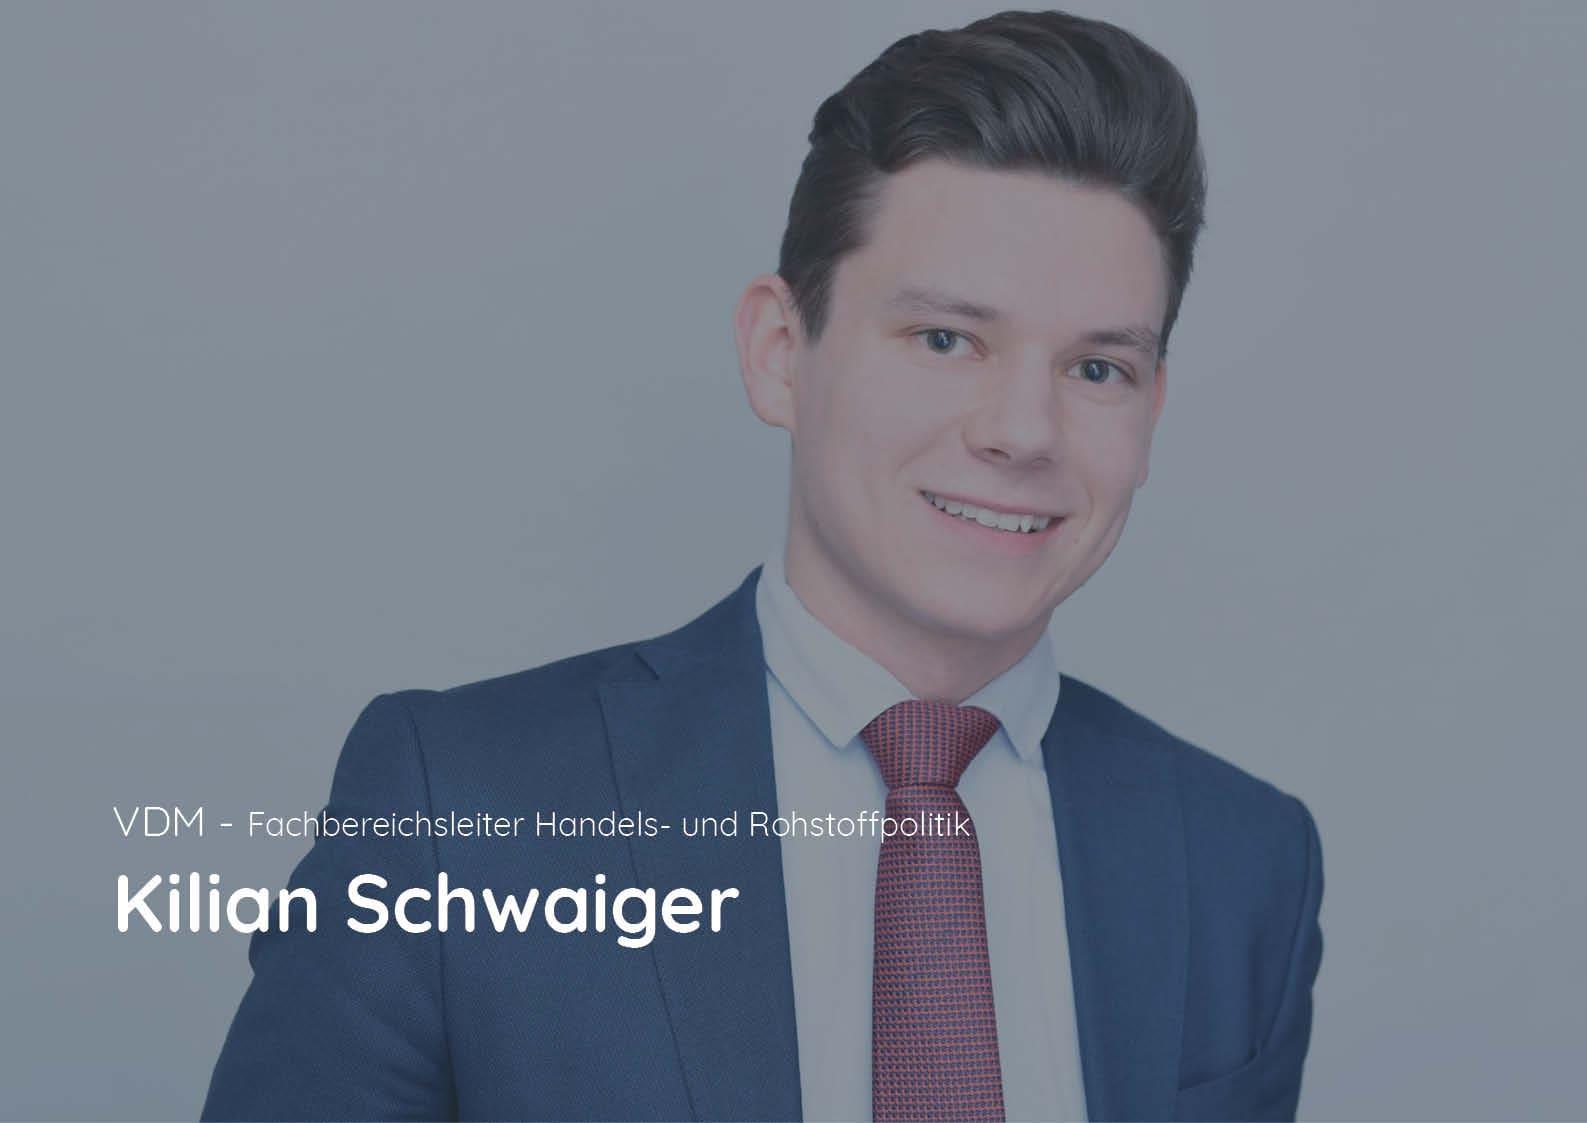 Im Gespräch: Kilian Schwaiger – Fachbereichsleiter Handels- und Rohstoffpolitik beim Verband Deutscher Metallhändler e.V.